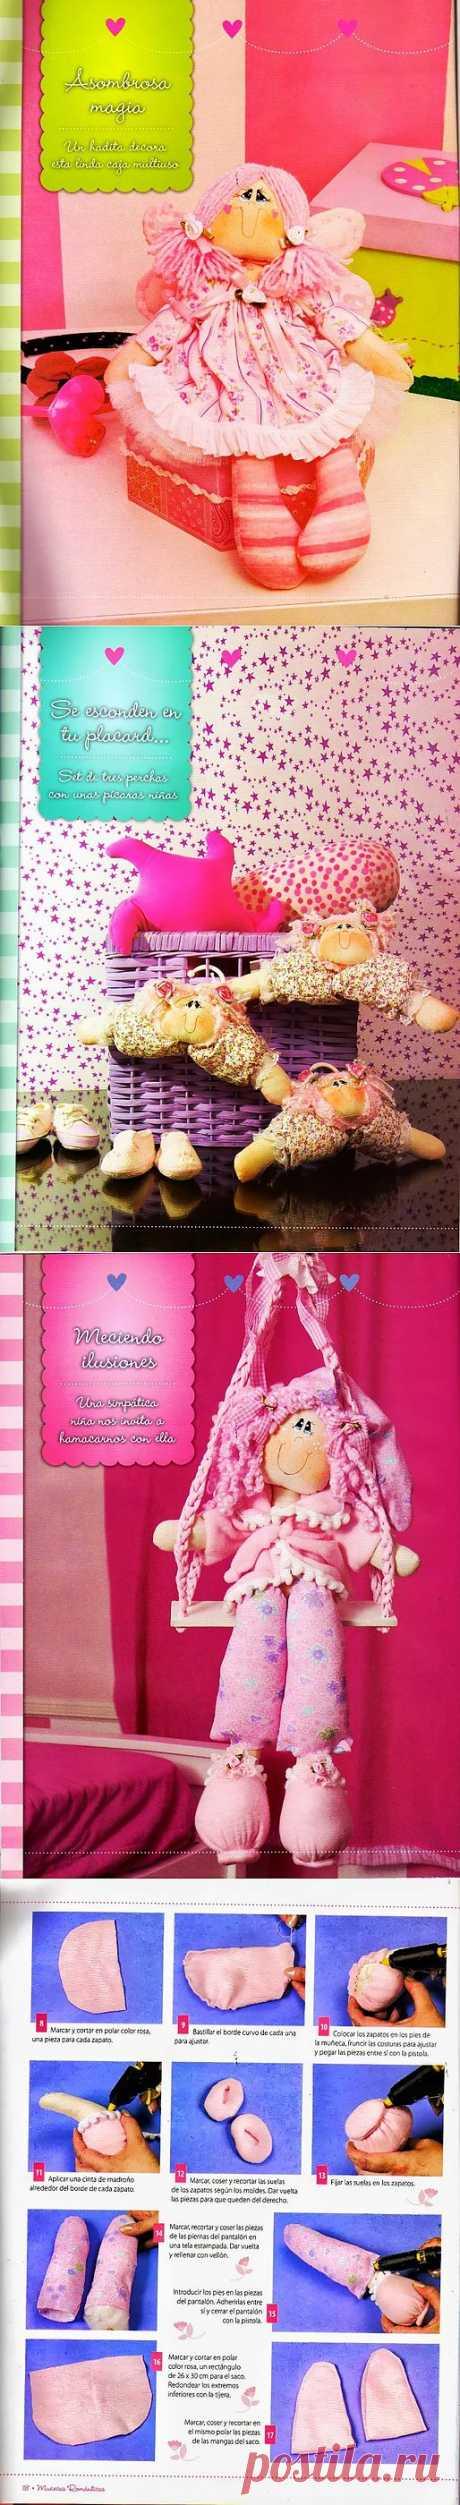 Журнал с выкройками игрушек Munecas Romanticas.